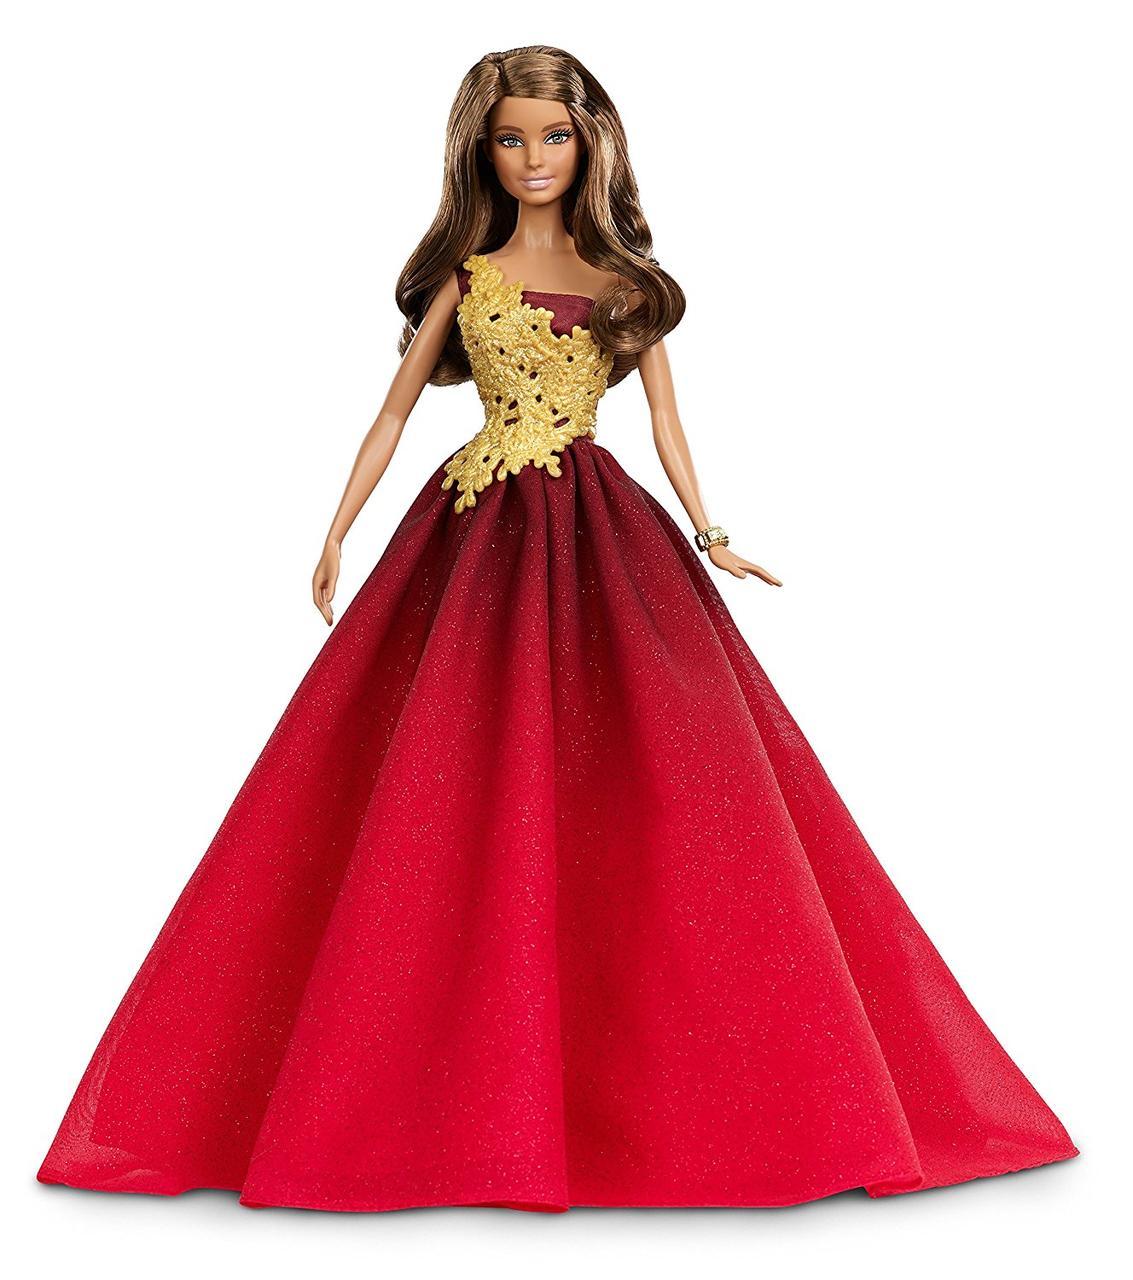 Кукла Барби Barbie коллекционная Праздничная в красном платье Barbie Holiday Doll DRD25